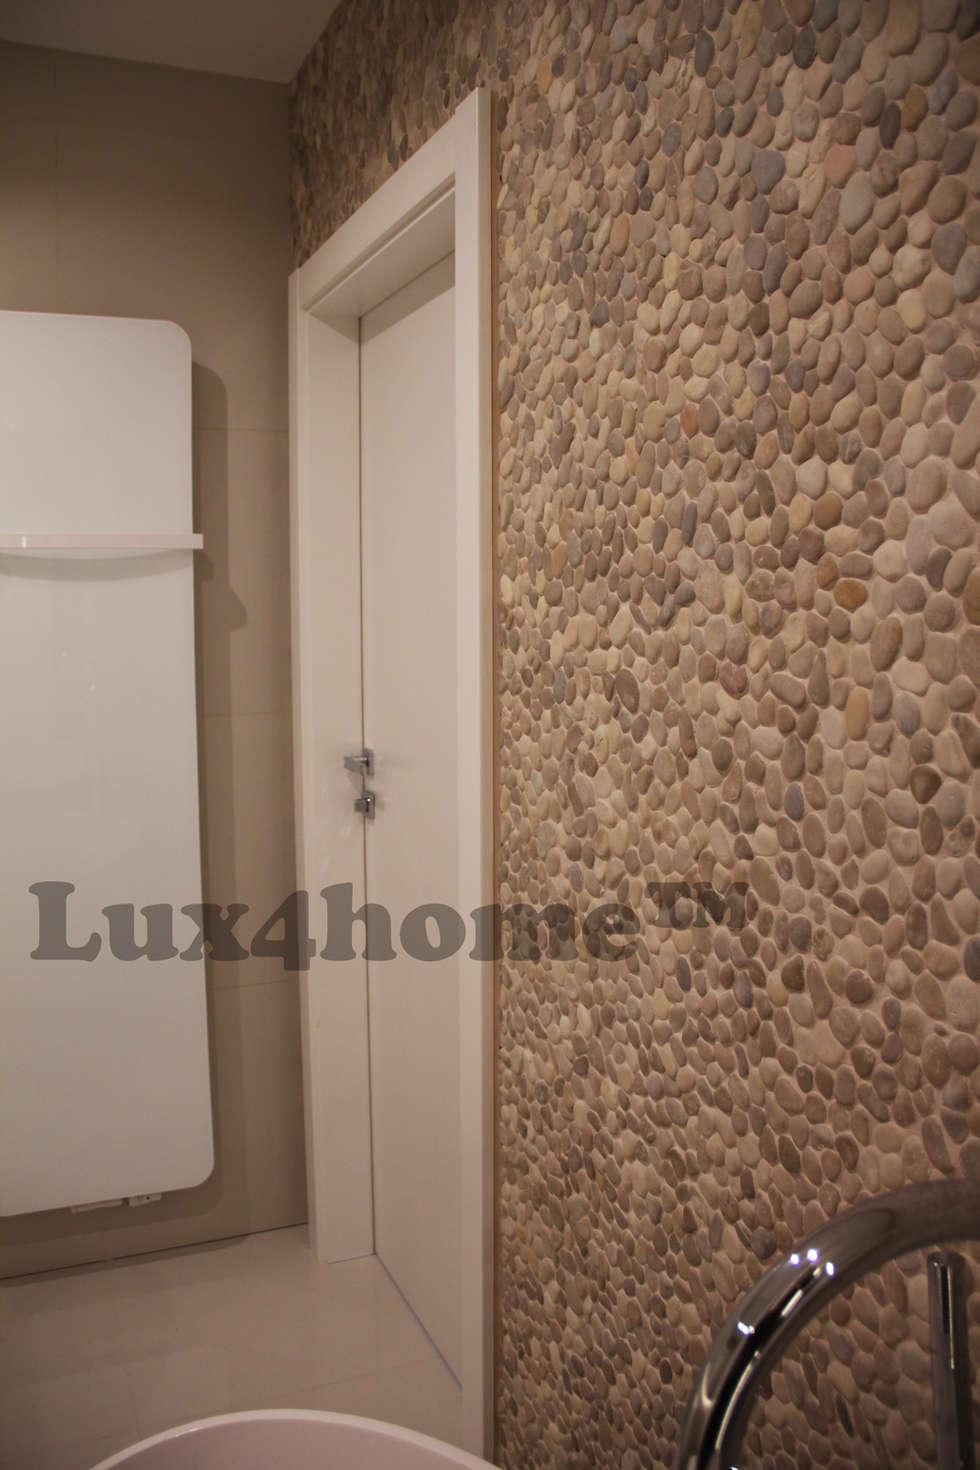 Otoczaki na ścianach. Łazienka z otoczaków. Beżowe otoczaki w łazience: styl , w kategorii Łazienka zaprojektowany przez Lux4home™